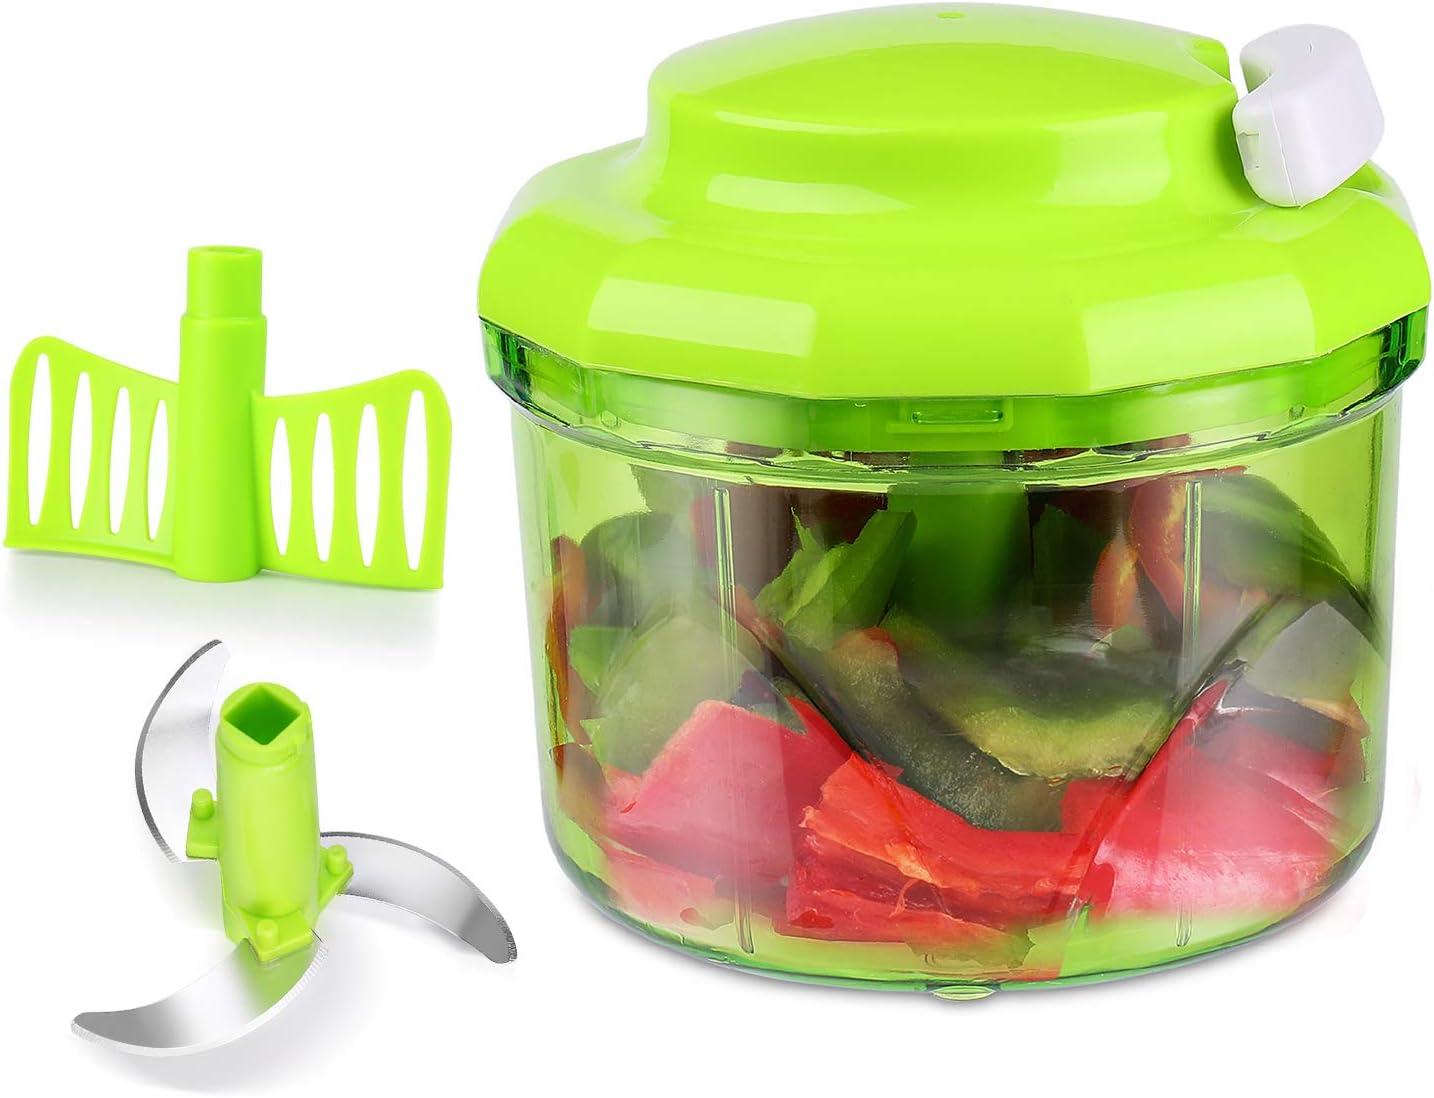 Flexzion Procesador de alimentos, Cortador manual de vegetales, Rebanador de frutas, Mezclador multiusos para cortar, mezclar y triturar, accesorios de cocina, utensilio de cocina: Amazon.es: Hogar